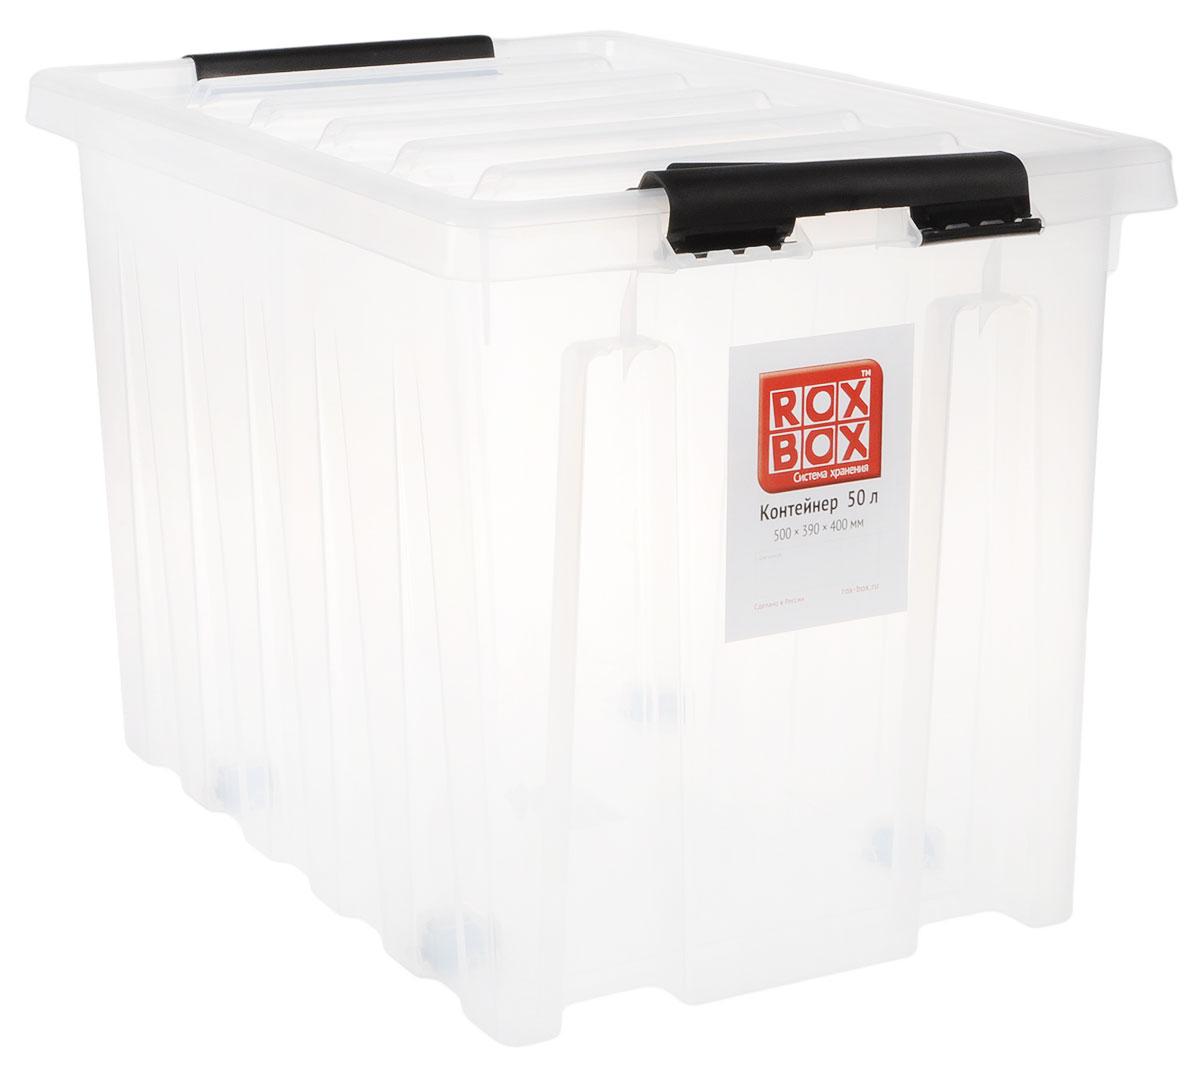 Контейнер для хранения Роксор, цвет: прозрачный, 50 л214507Универсальный контейнер для хранения с крышкой оснащен роликами и оригинальными ручками-фиксаторами, которые надежно и плотно удерживают крышку в закрытом положении. Толстые стенки и ребра жесткости придают ящикам особую прочность, уменьшая риск повреждения как самого ящика, так и его содержимого.